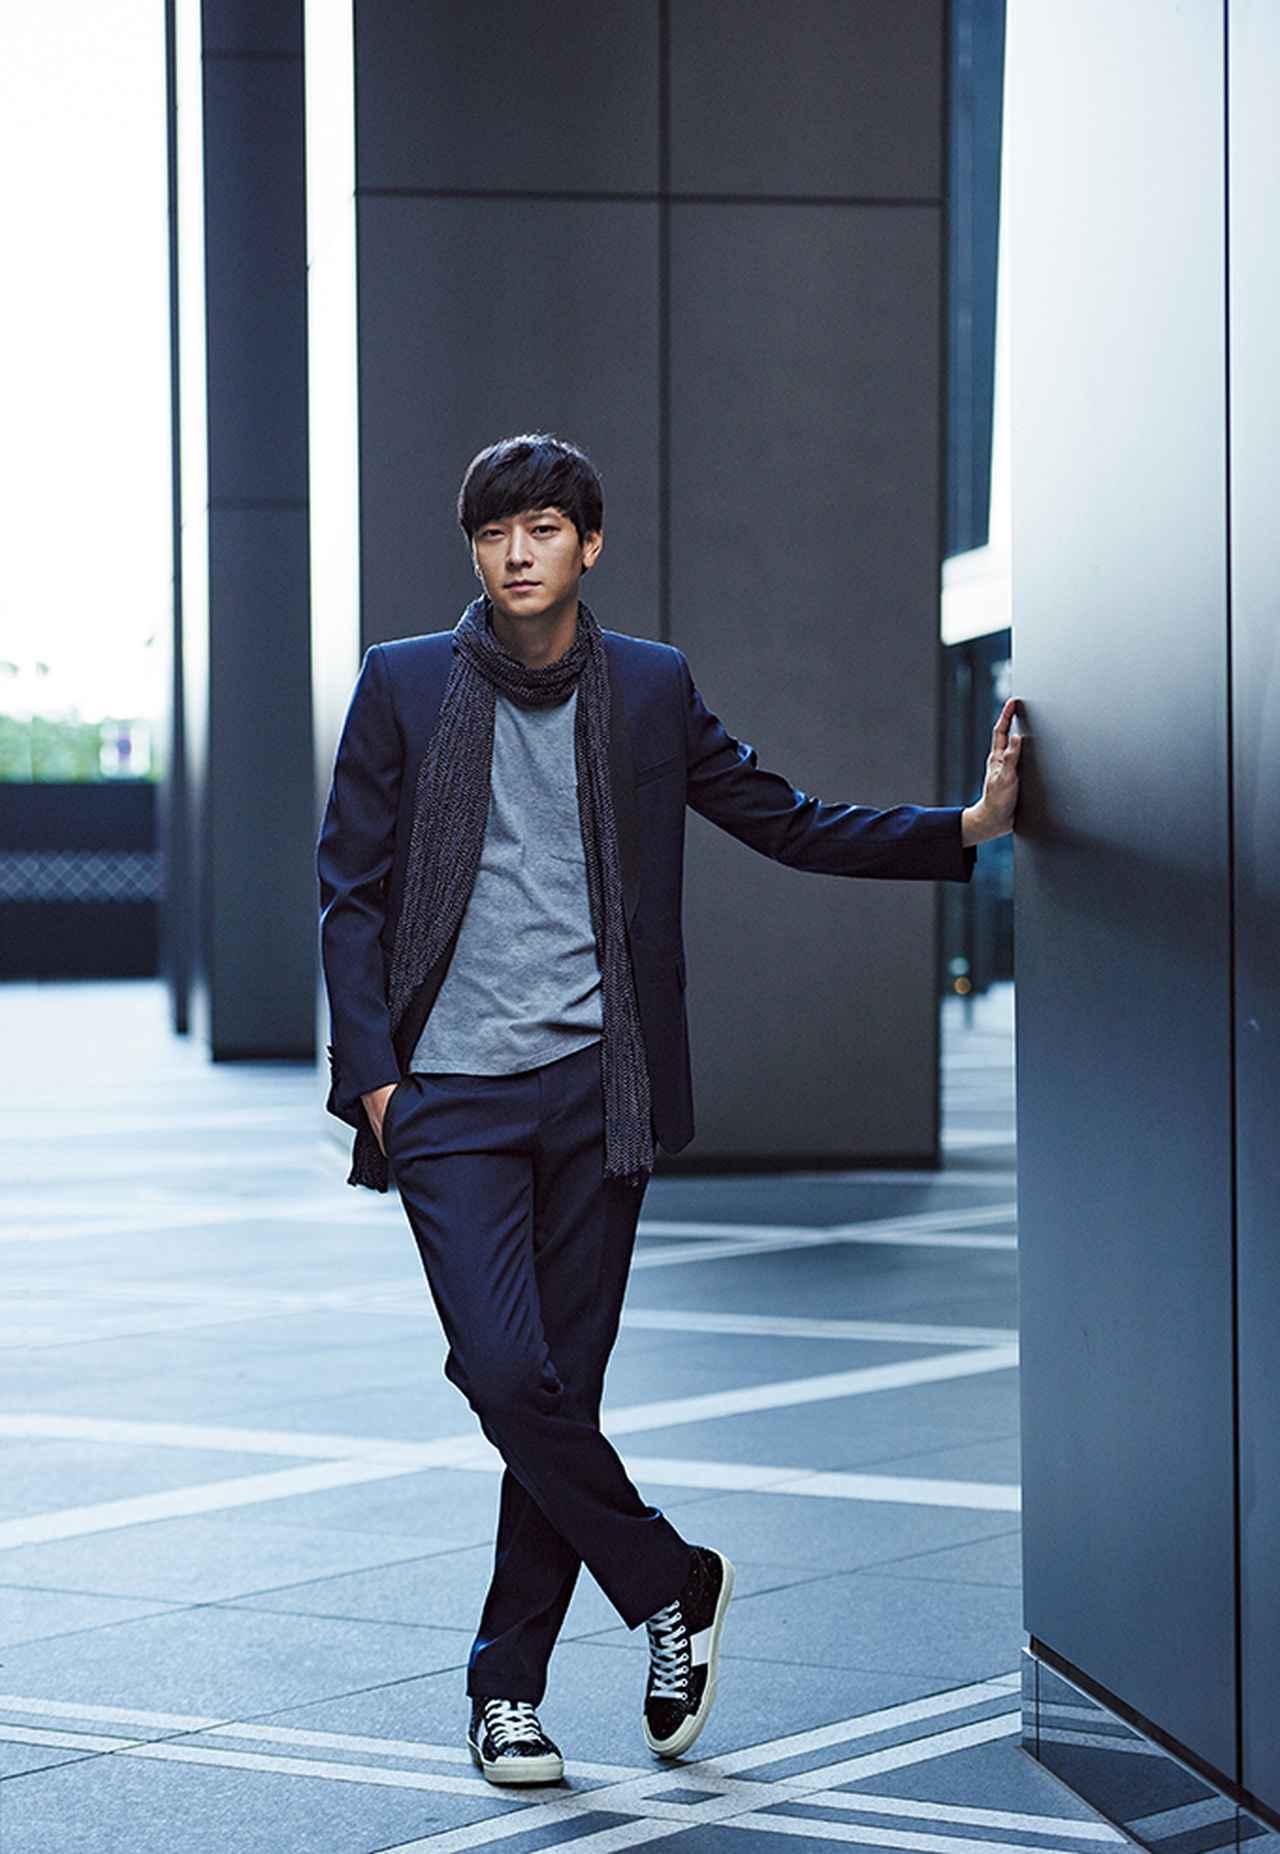 """Images : 6番目の画像 - 「俳優カン・ドンウォンが着こなす """"スタイル""""のある服」のアルバム - T JAPAN:The New York Times Style Magazine 公式サイト"""